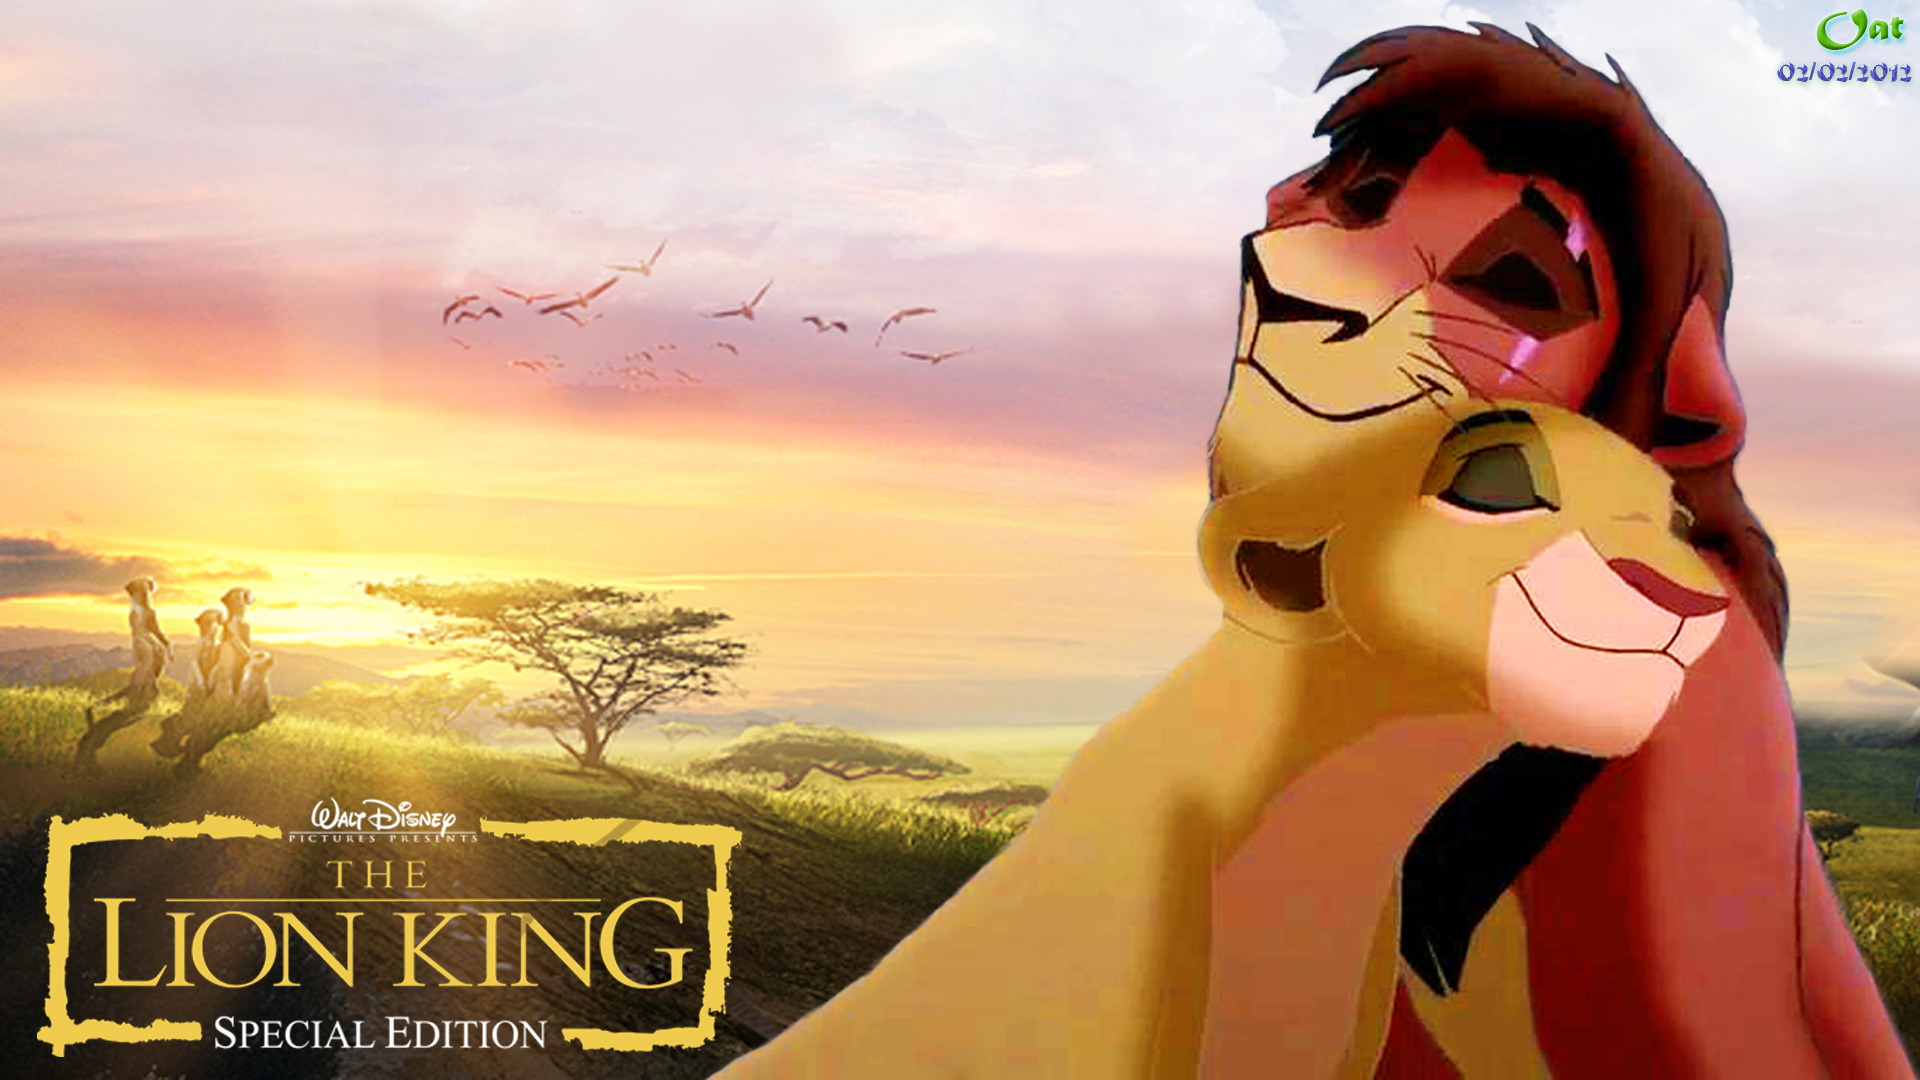 Fotos muy lindas Kovu y Kiara: - Página 2 Kovu-and-Kiara-HD-wallpaper-the-lion-king-2-simbas-pride-28764327-1920-1080